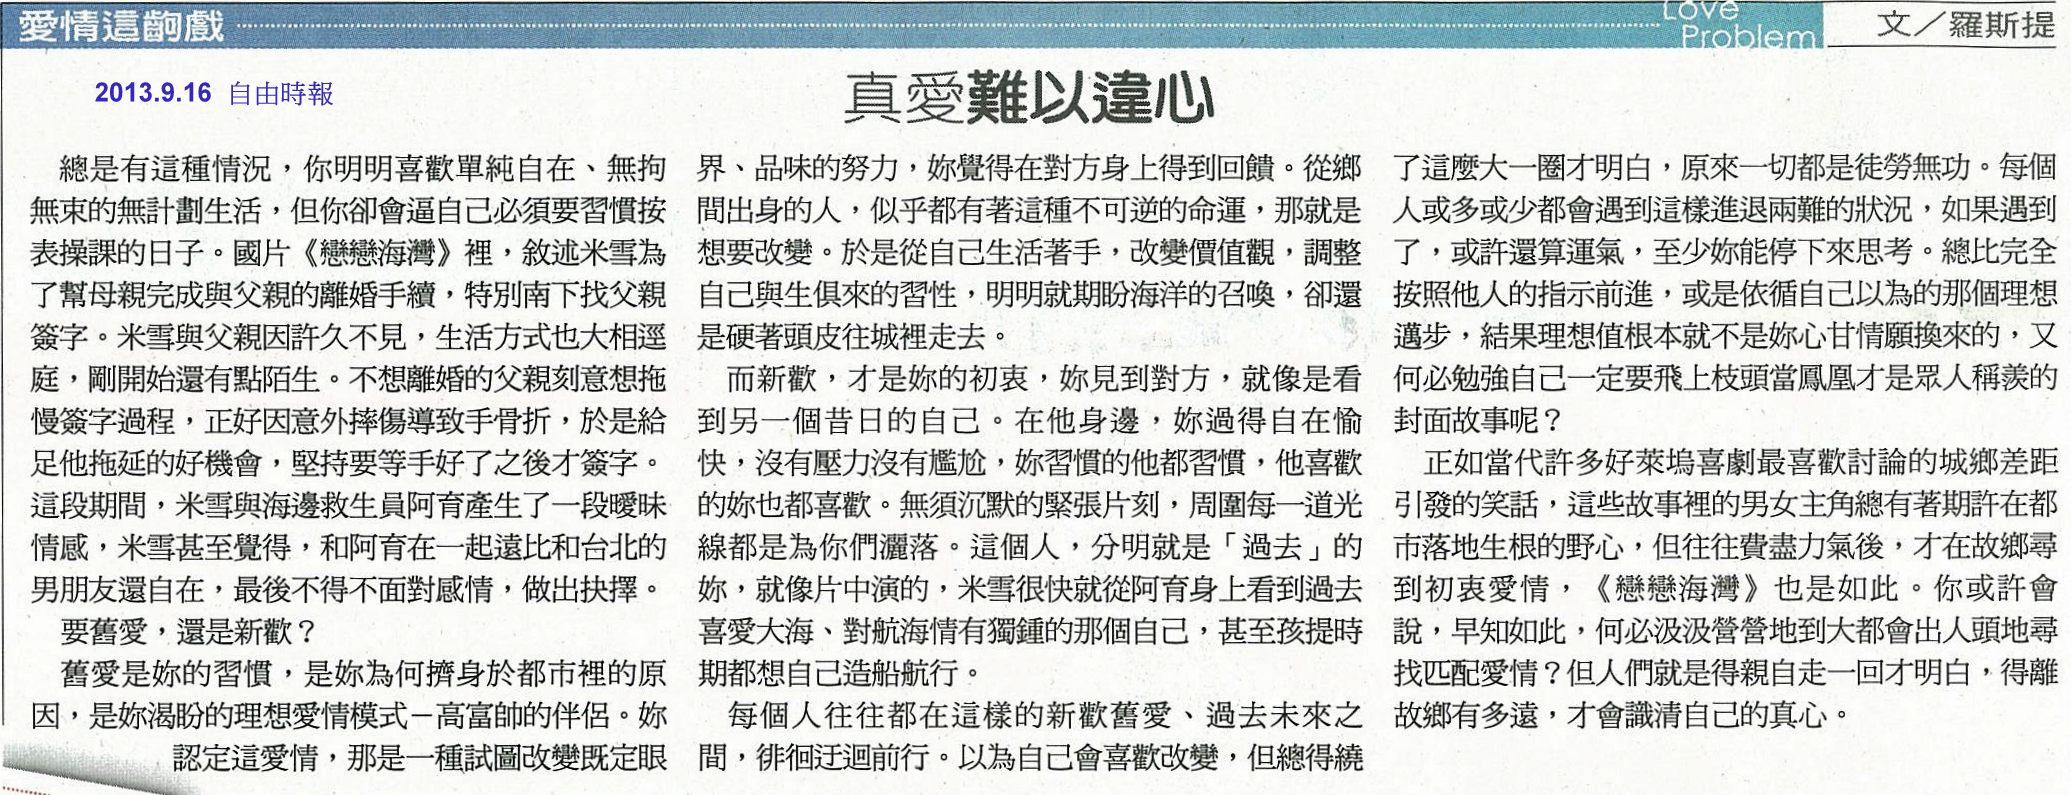 NP露出_2013.09.16_《戀戀海灣》_自由時報_兩性異言堂-真愛難以違心